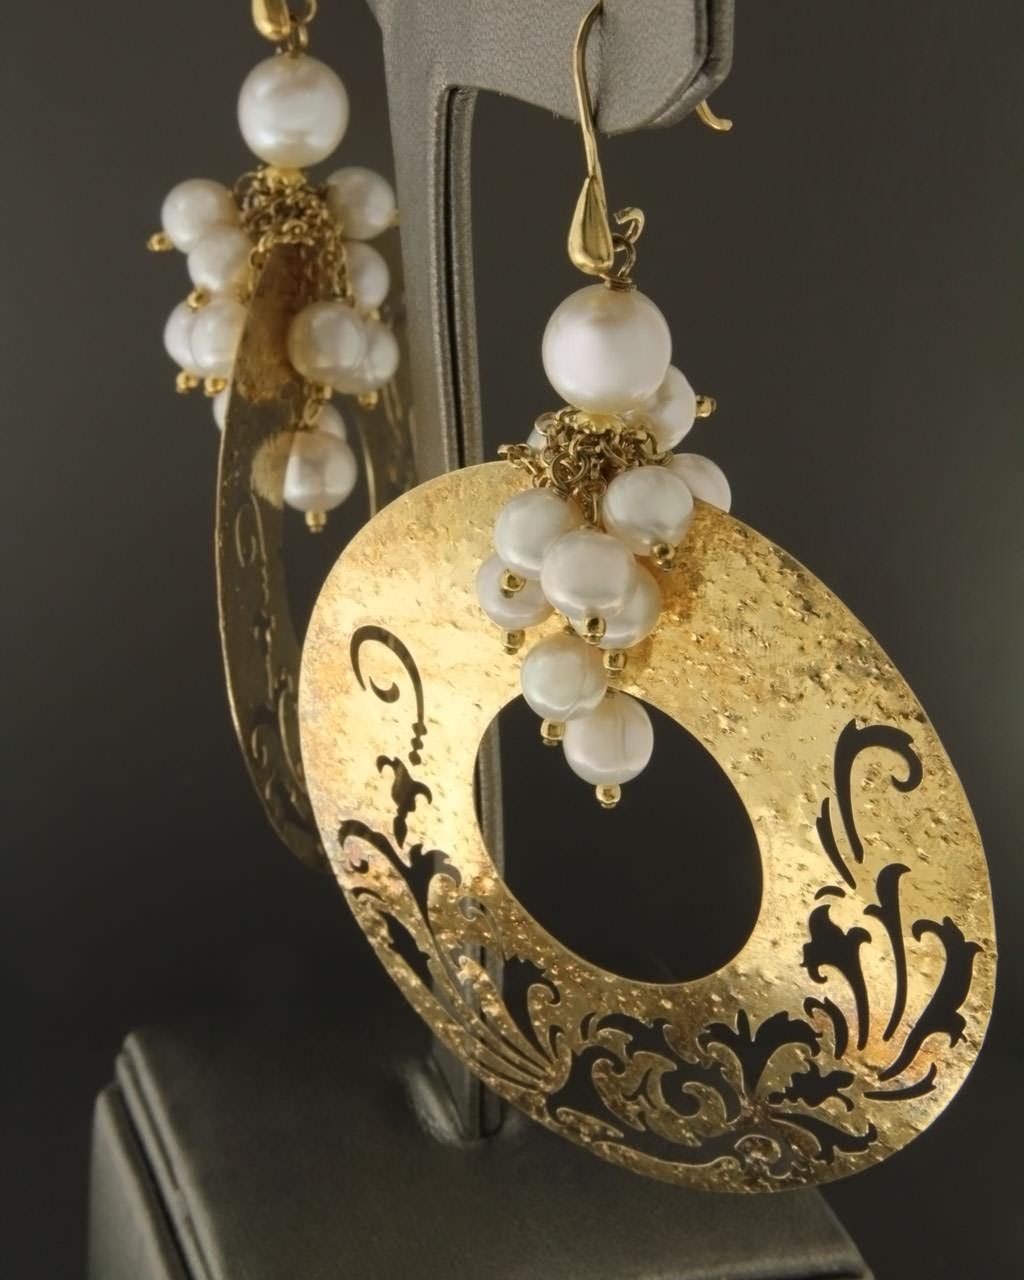 Σκουλαρίκια ασημένια με Μαργαριτάρια   γυναικα σκουλαρίκια σκουλαρίκια ασημένια